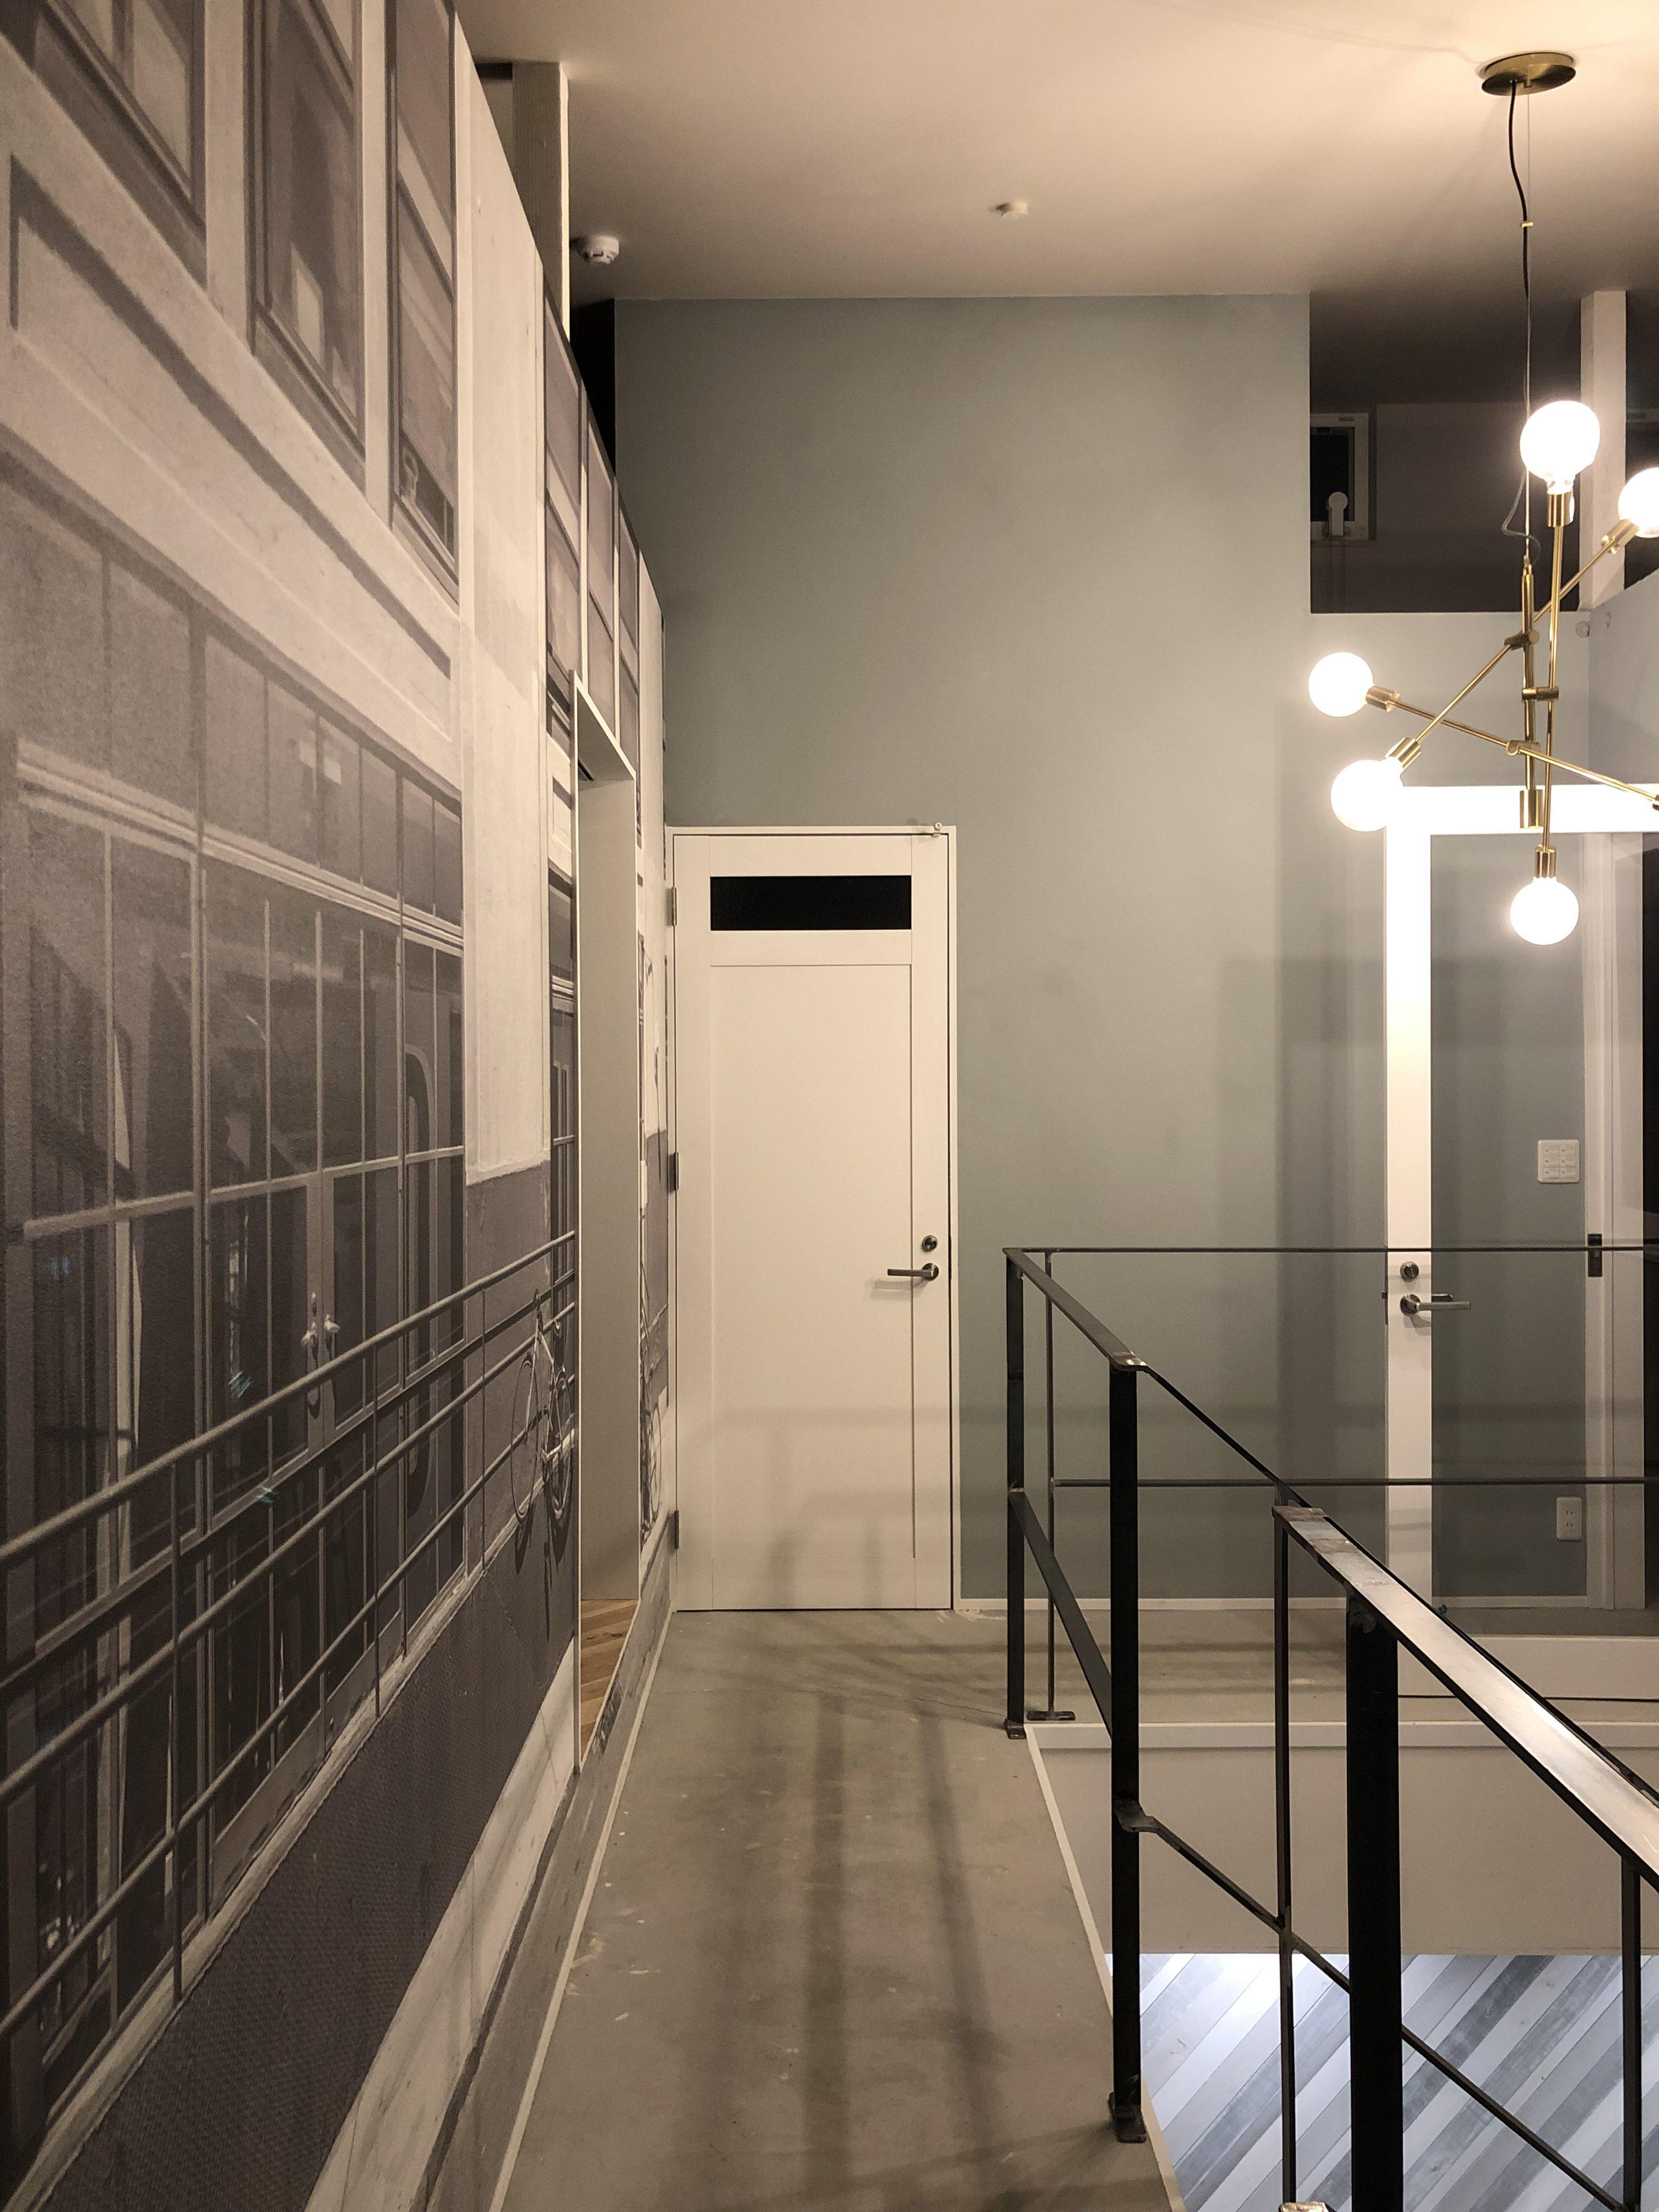 山梨県の工務店、未来建築工房とつくる注文住宅。|スタジオに引っ越してから